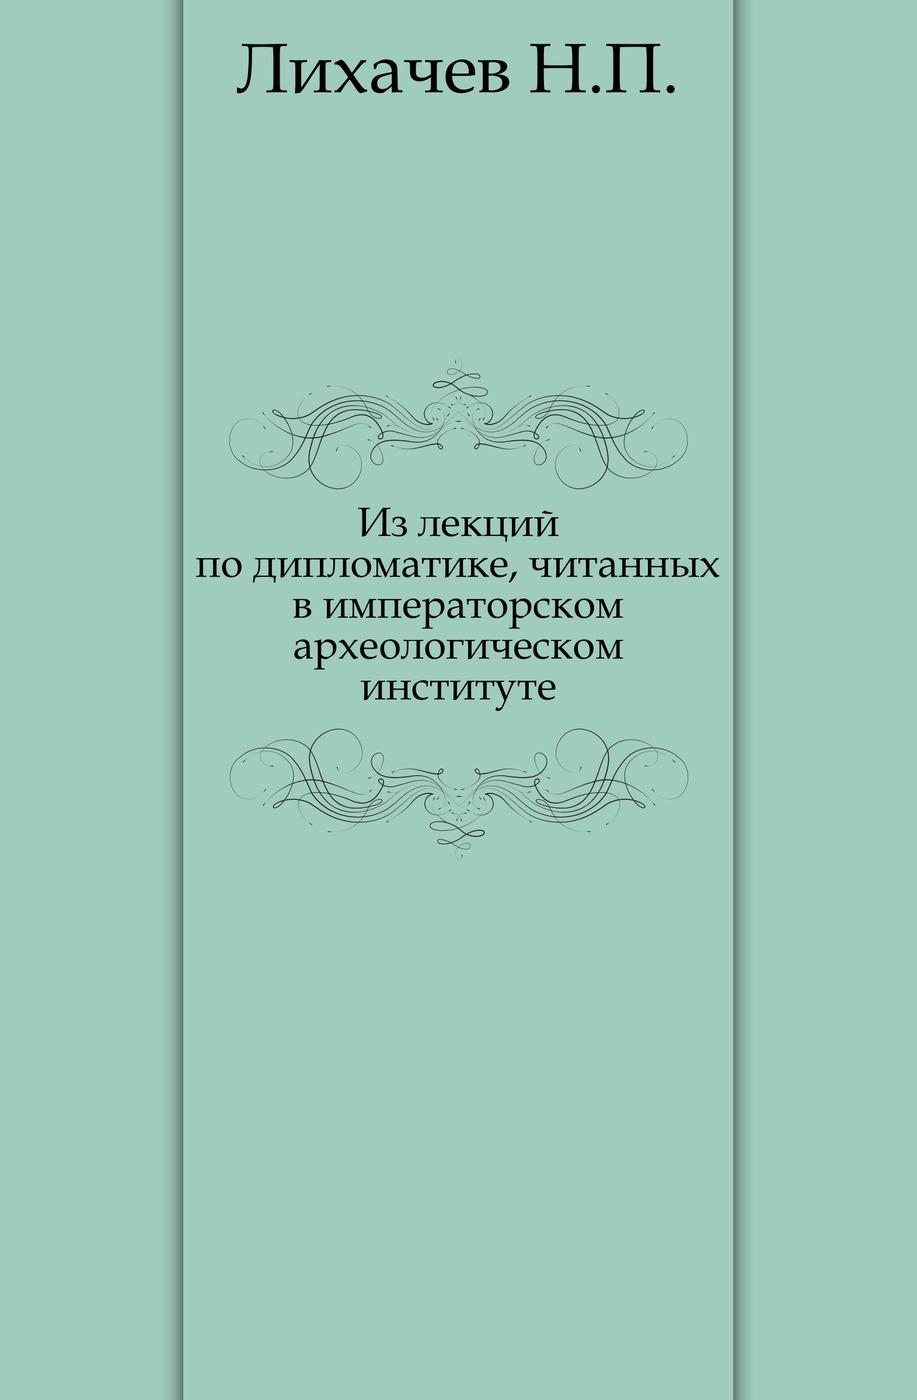 Из лекций по дипломатике, читанных в Императорском археологическом институте